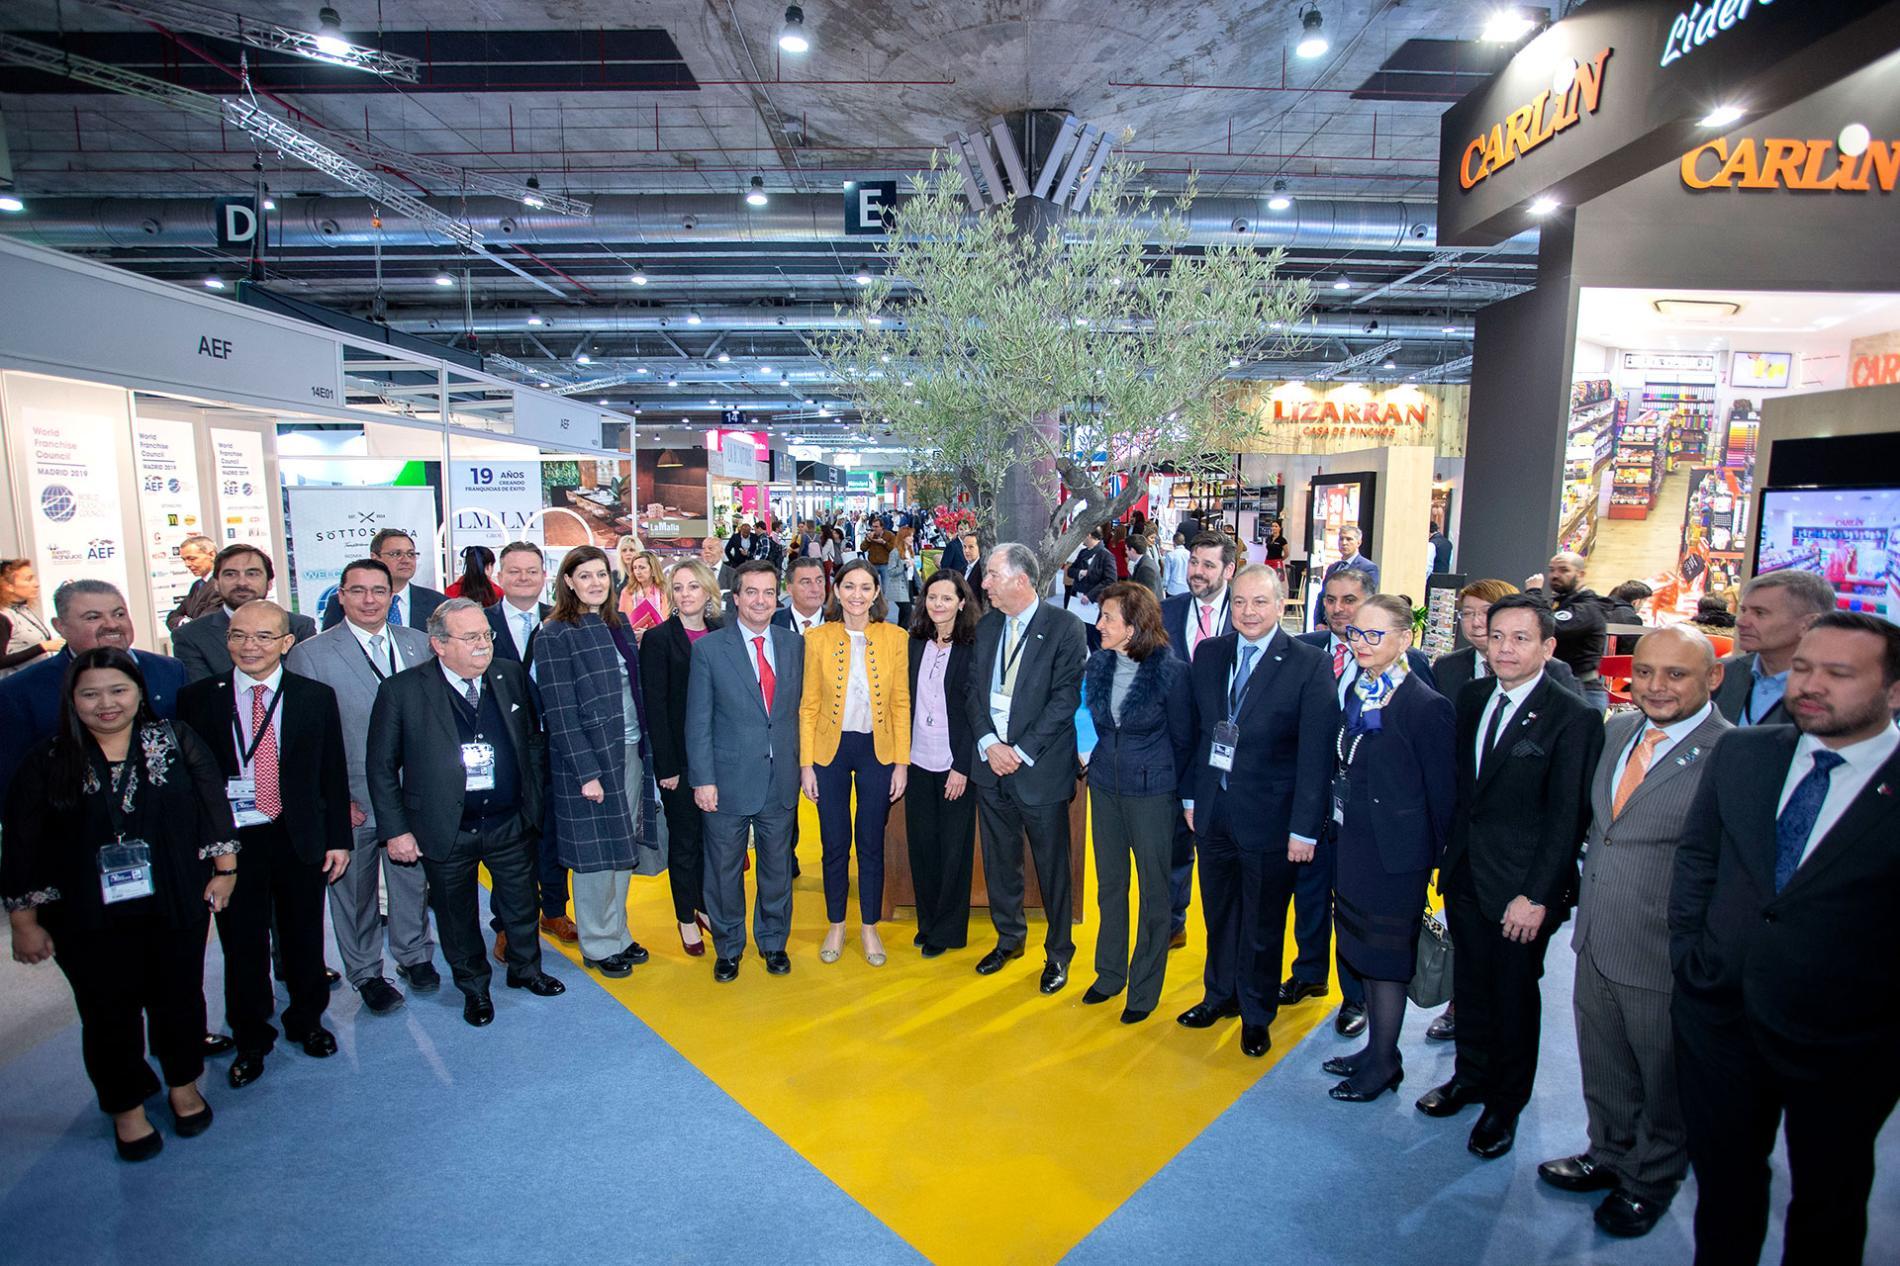 Ministra de Industria, Comercio y Turismo, Reyes Maroto junto a distintas personalidades de la feria